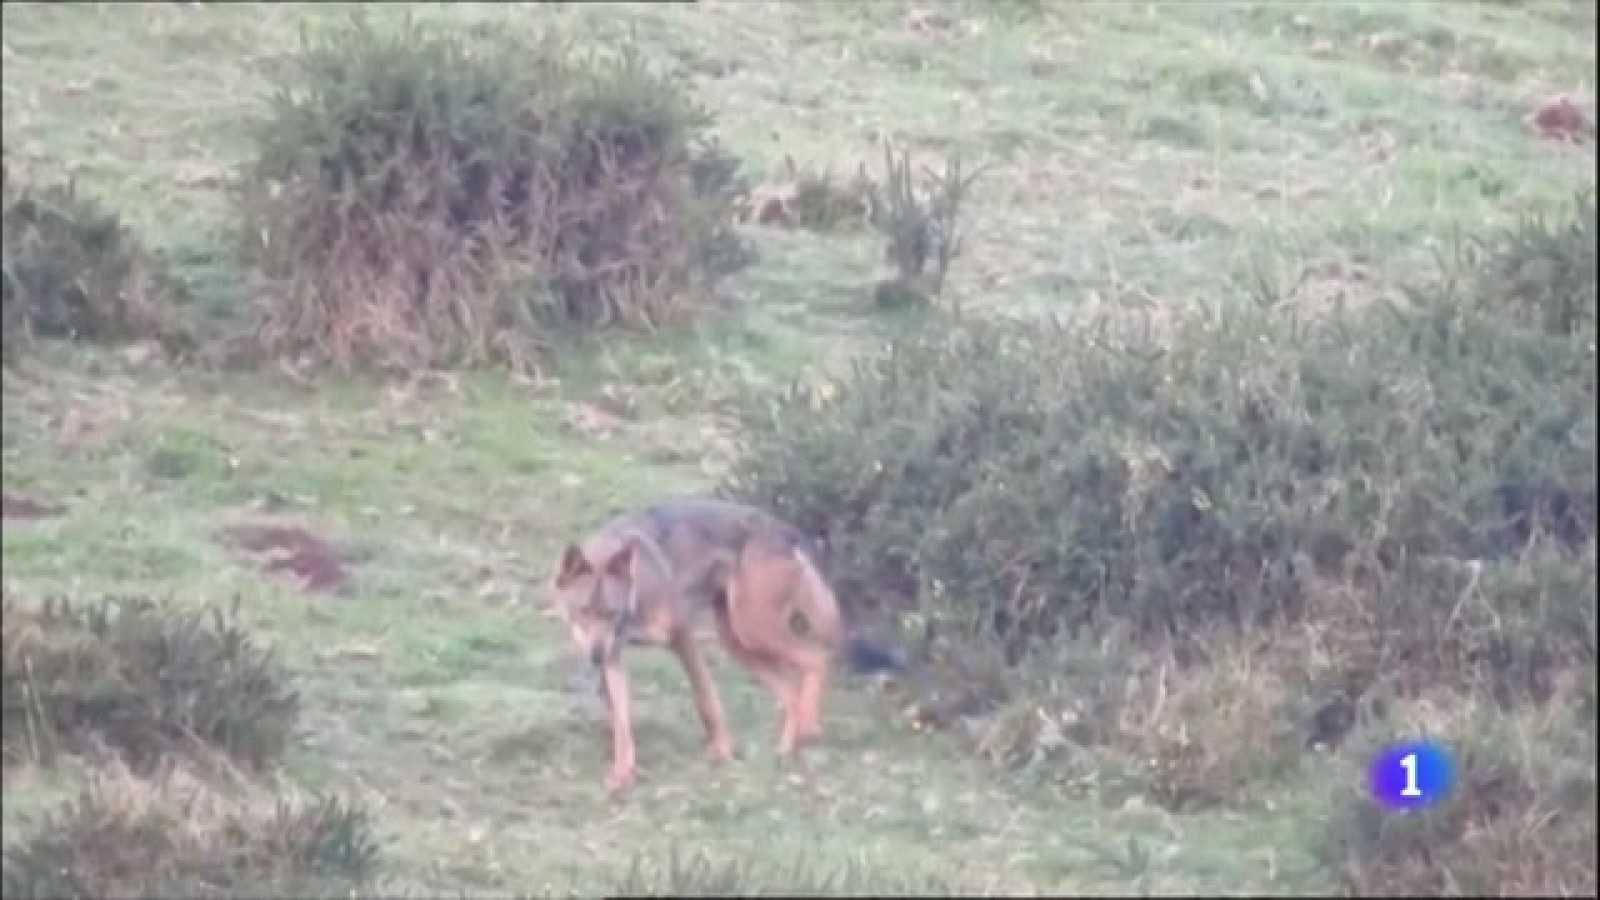 El lobo ha matado 4.000 reses en los dos últimos años